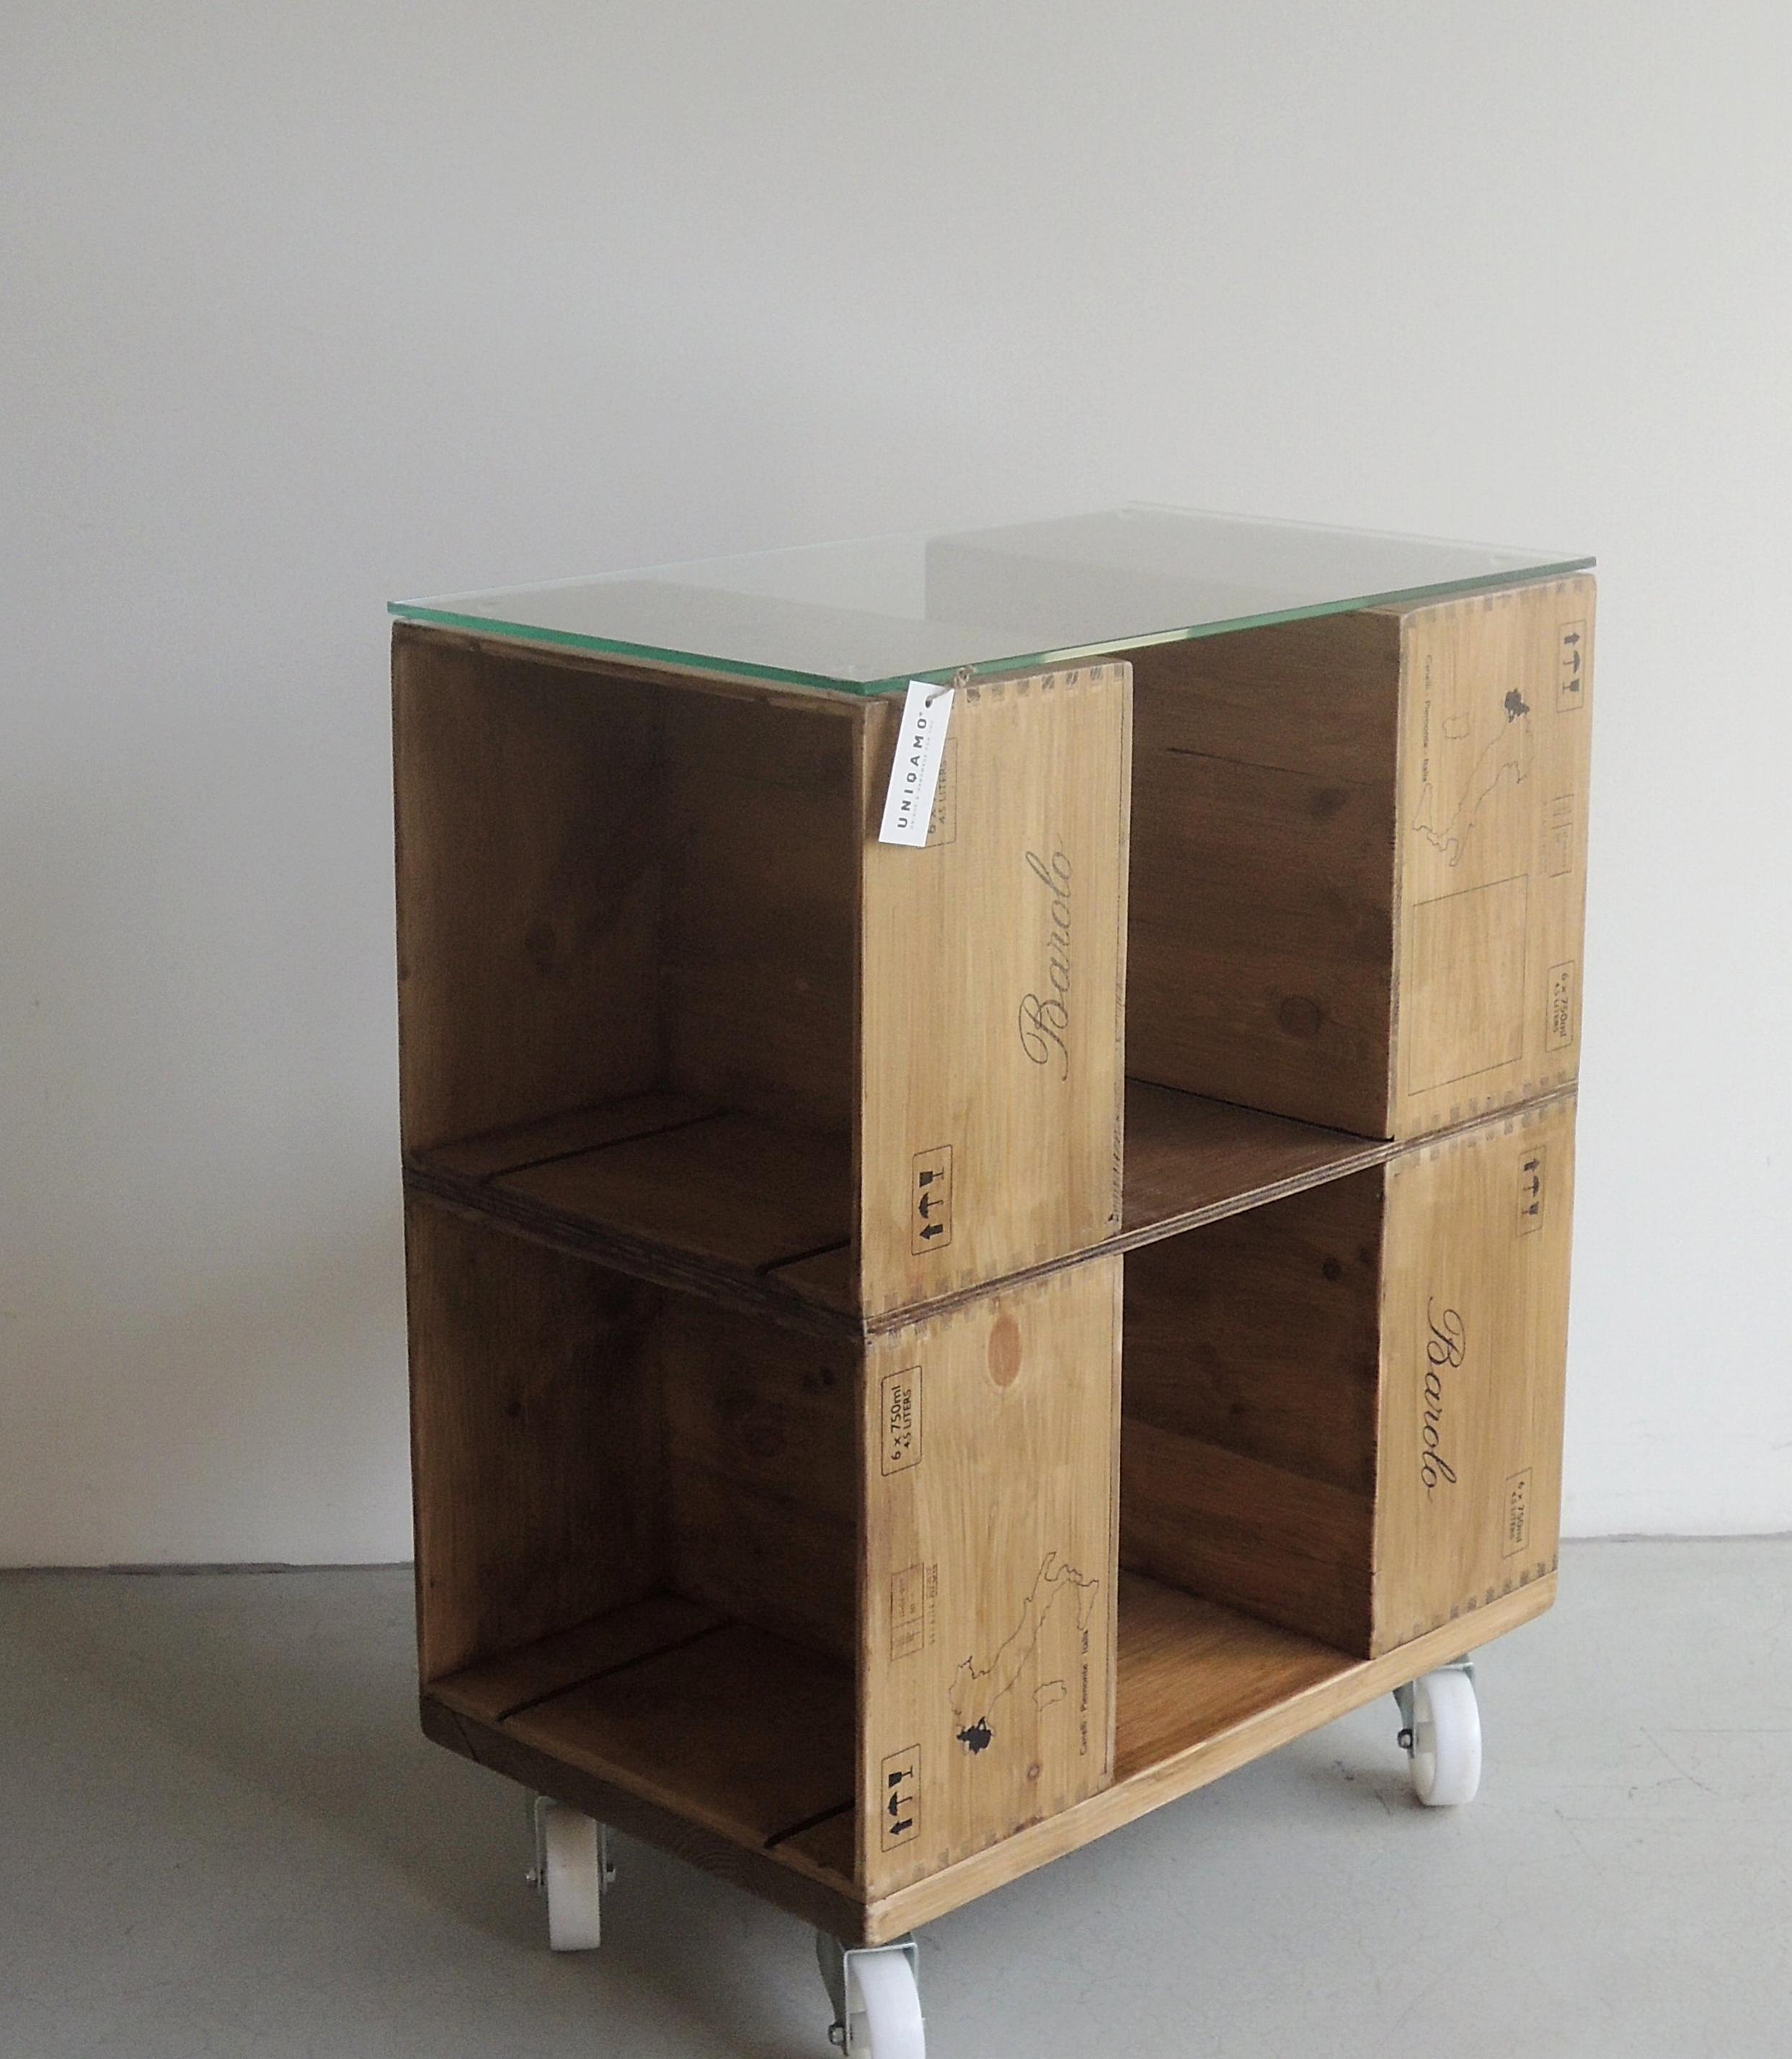 uniqamo_barolo_furniture_design.jpg